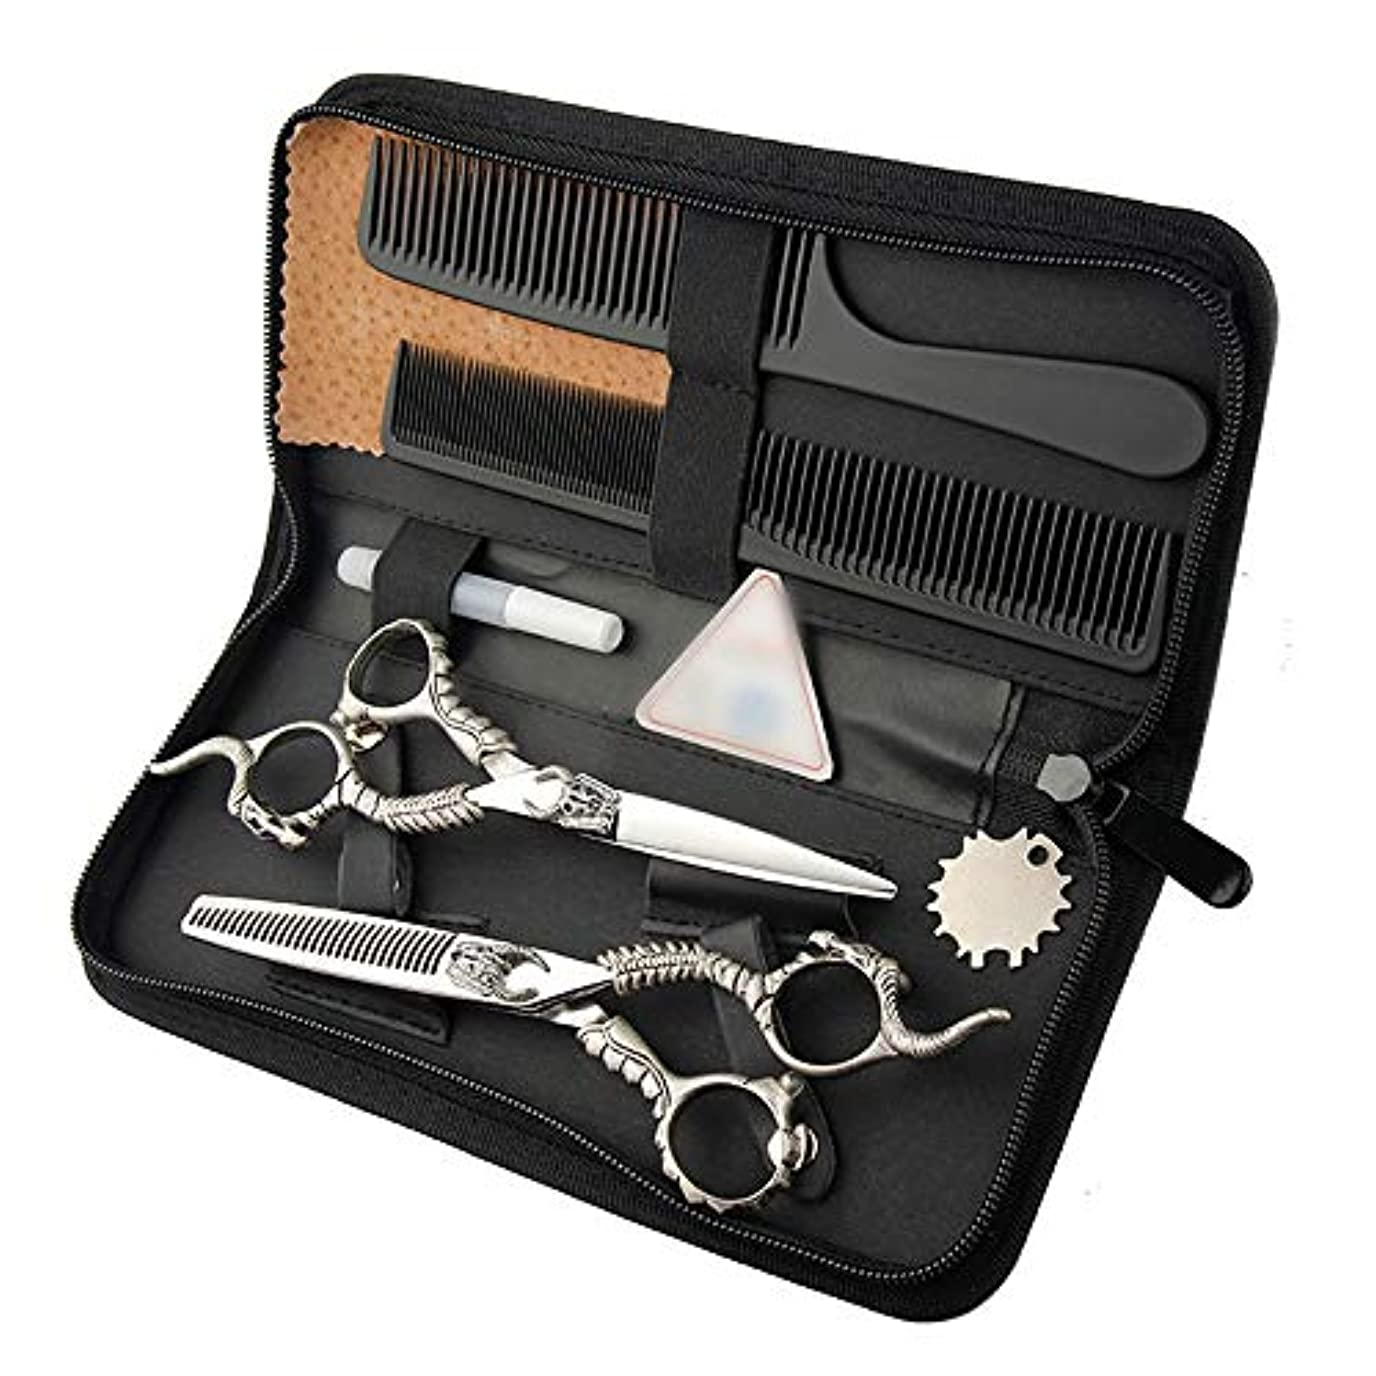 織機るお風呂を持っているHairdressing 6インチ美容院プロフェッショナルなヘアカットレトロハンドルはさみセットヘアカットはさみステンレス理髪はさみ (色 : Silver)